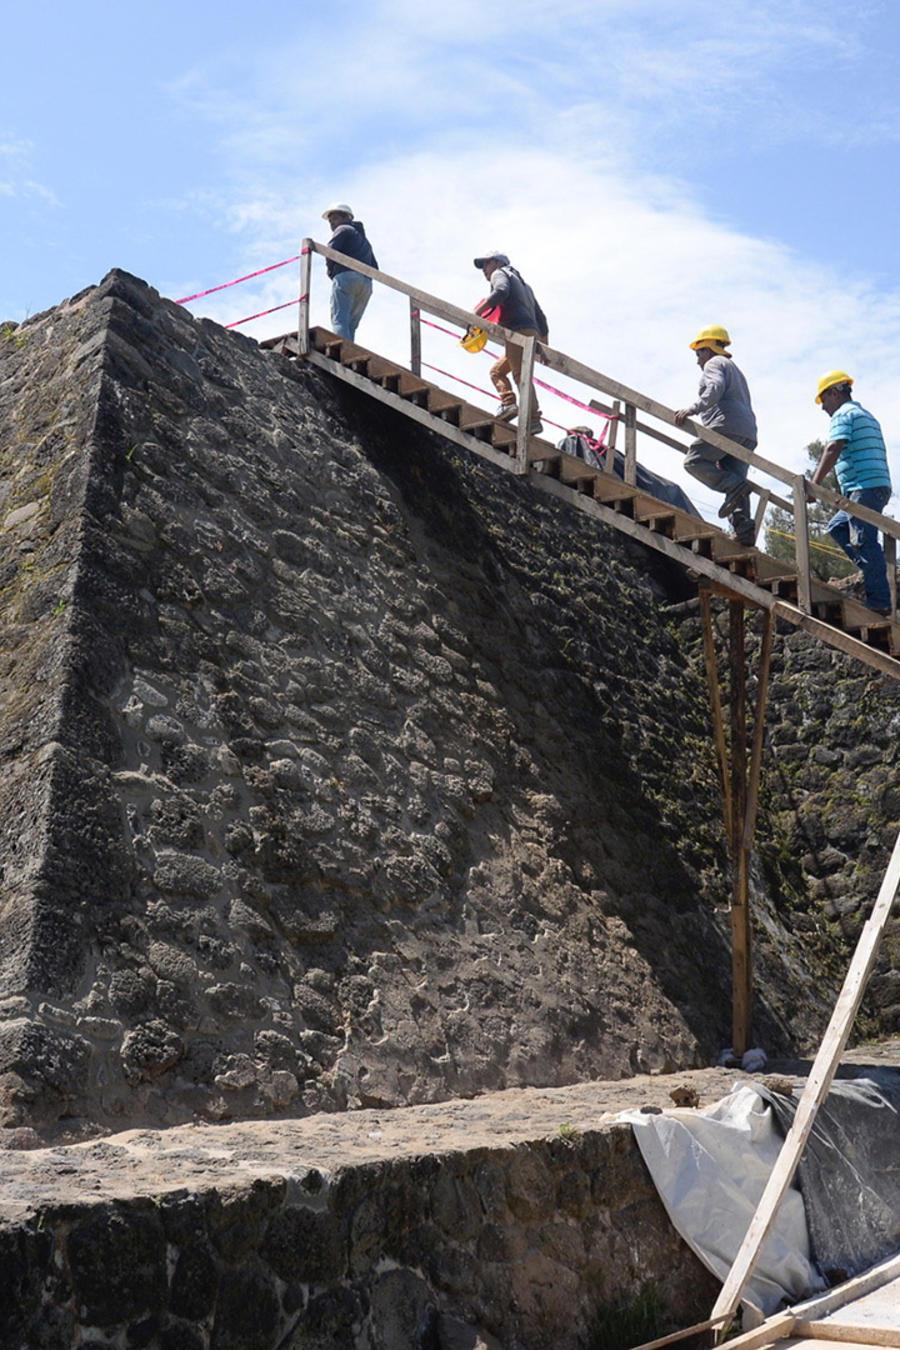 Vista general hoy, miércoles 11 de julio de 2018, de la zona arqueológica de Teopanzolco, en el estado de Morelos (México)